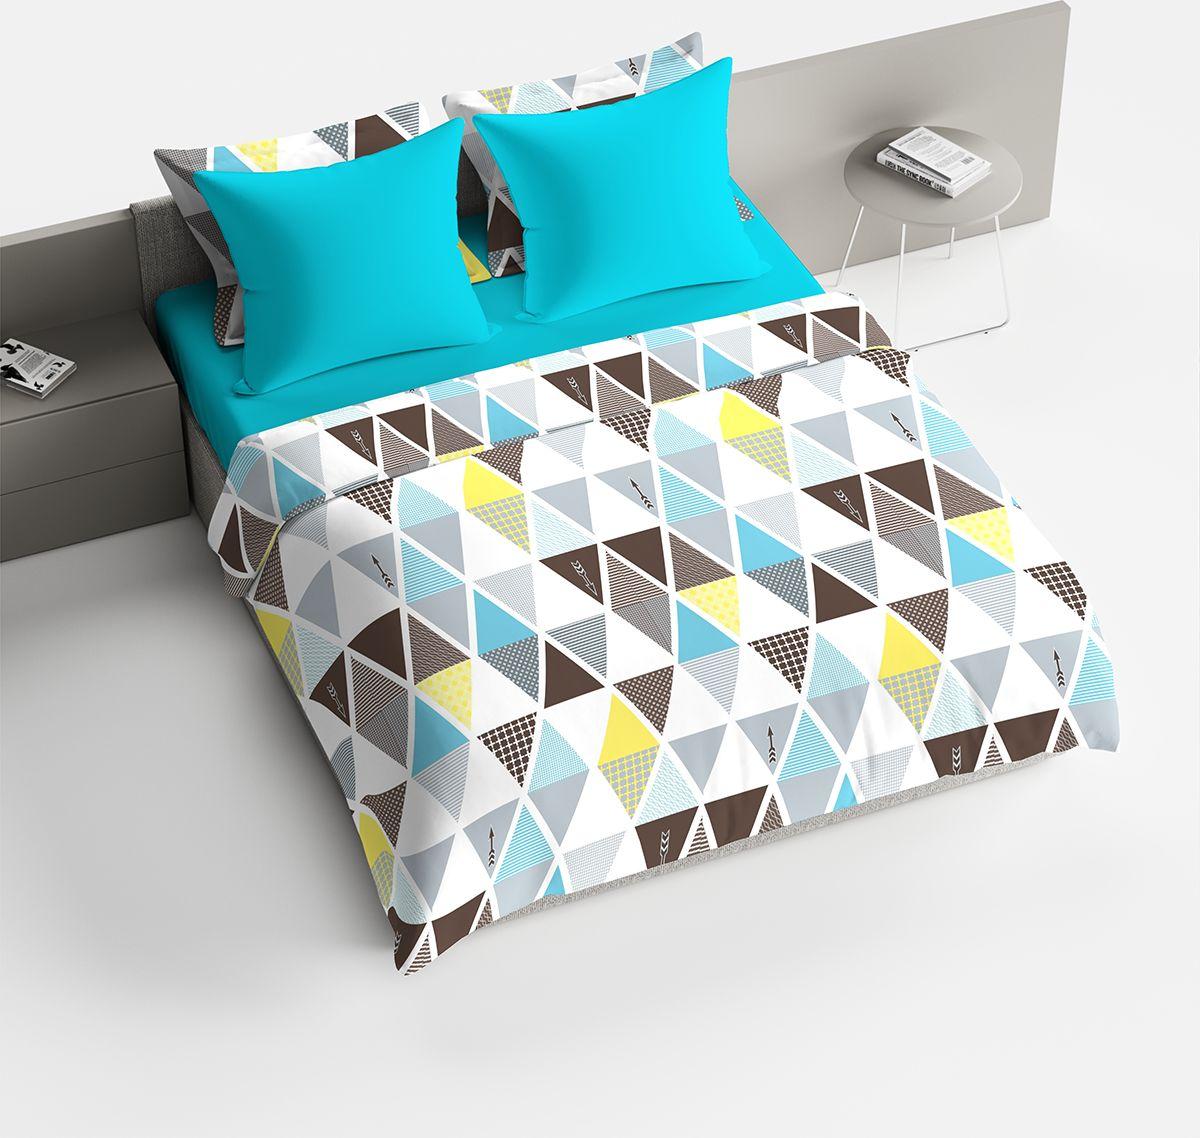 Комплект белья Браво Леонард, 2-спальное, наволочки 70x70, цвет: голубой91932Комплекты постельного белья из ткани LUX COTTON (высококачественный поплин), сотканной из длинноволокнистого египетского хлопка, созданы специально для людей с оригинальным вкусом, предпочитающим современные решения в интерьере. Обновленная стильная упаковка делает этот комплект отличным подарком. • Равноплотная ткань из 100% хлопка; • Обработана по технологии мерсеризации и санфоризации; • Мягкая и нежная на ощупь; • Устойчива к трению; • Обладает высокими показателями гигроскопичности (впитывает влагу); • Выдерживает частые стирки, сохраняя первоначальные цвет, форму и размеры; • Безопасные красители ведущего немецкого производителя BEZEMA